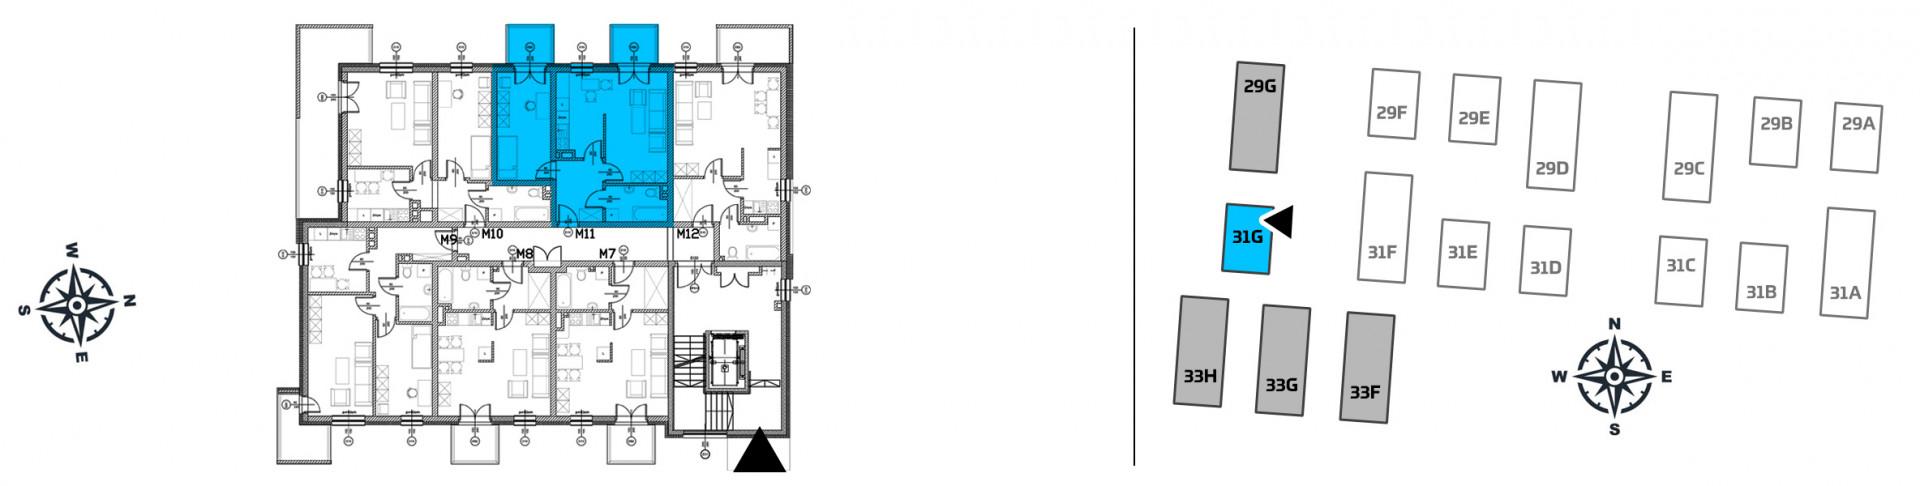 Mieszkanie dwupokojowe 31G/11 rzut 2